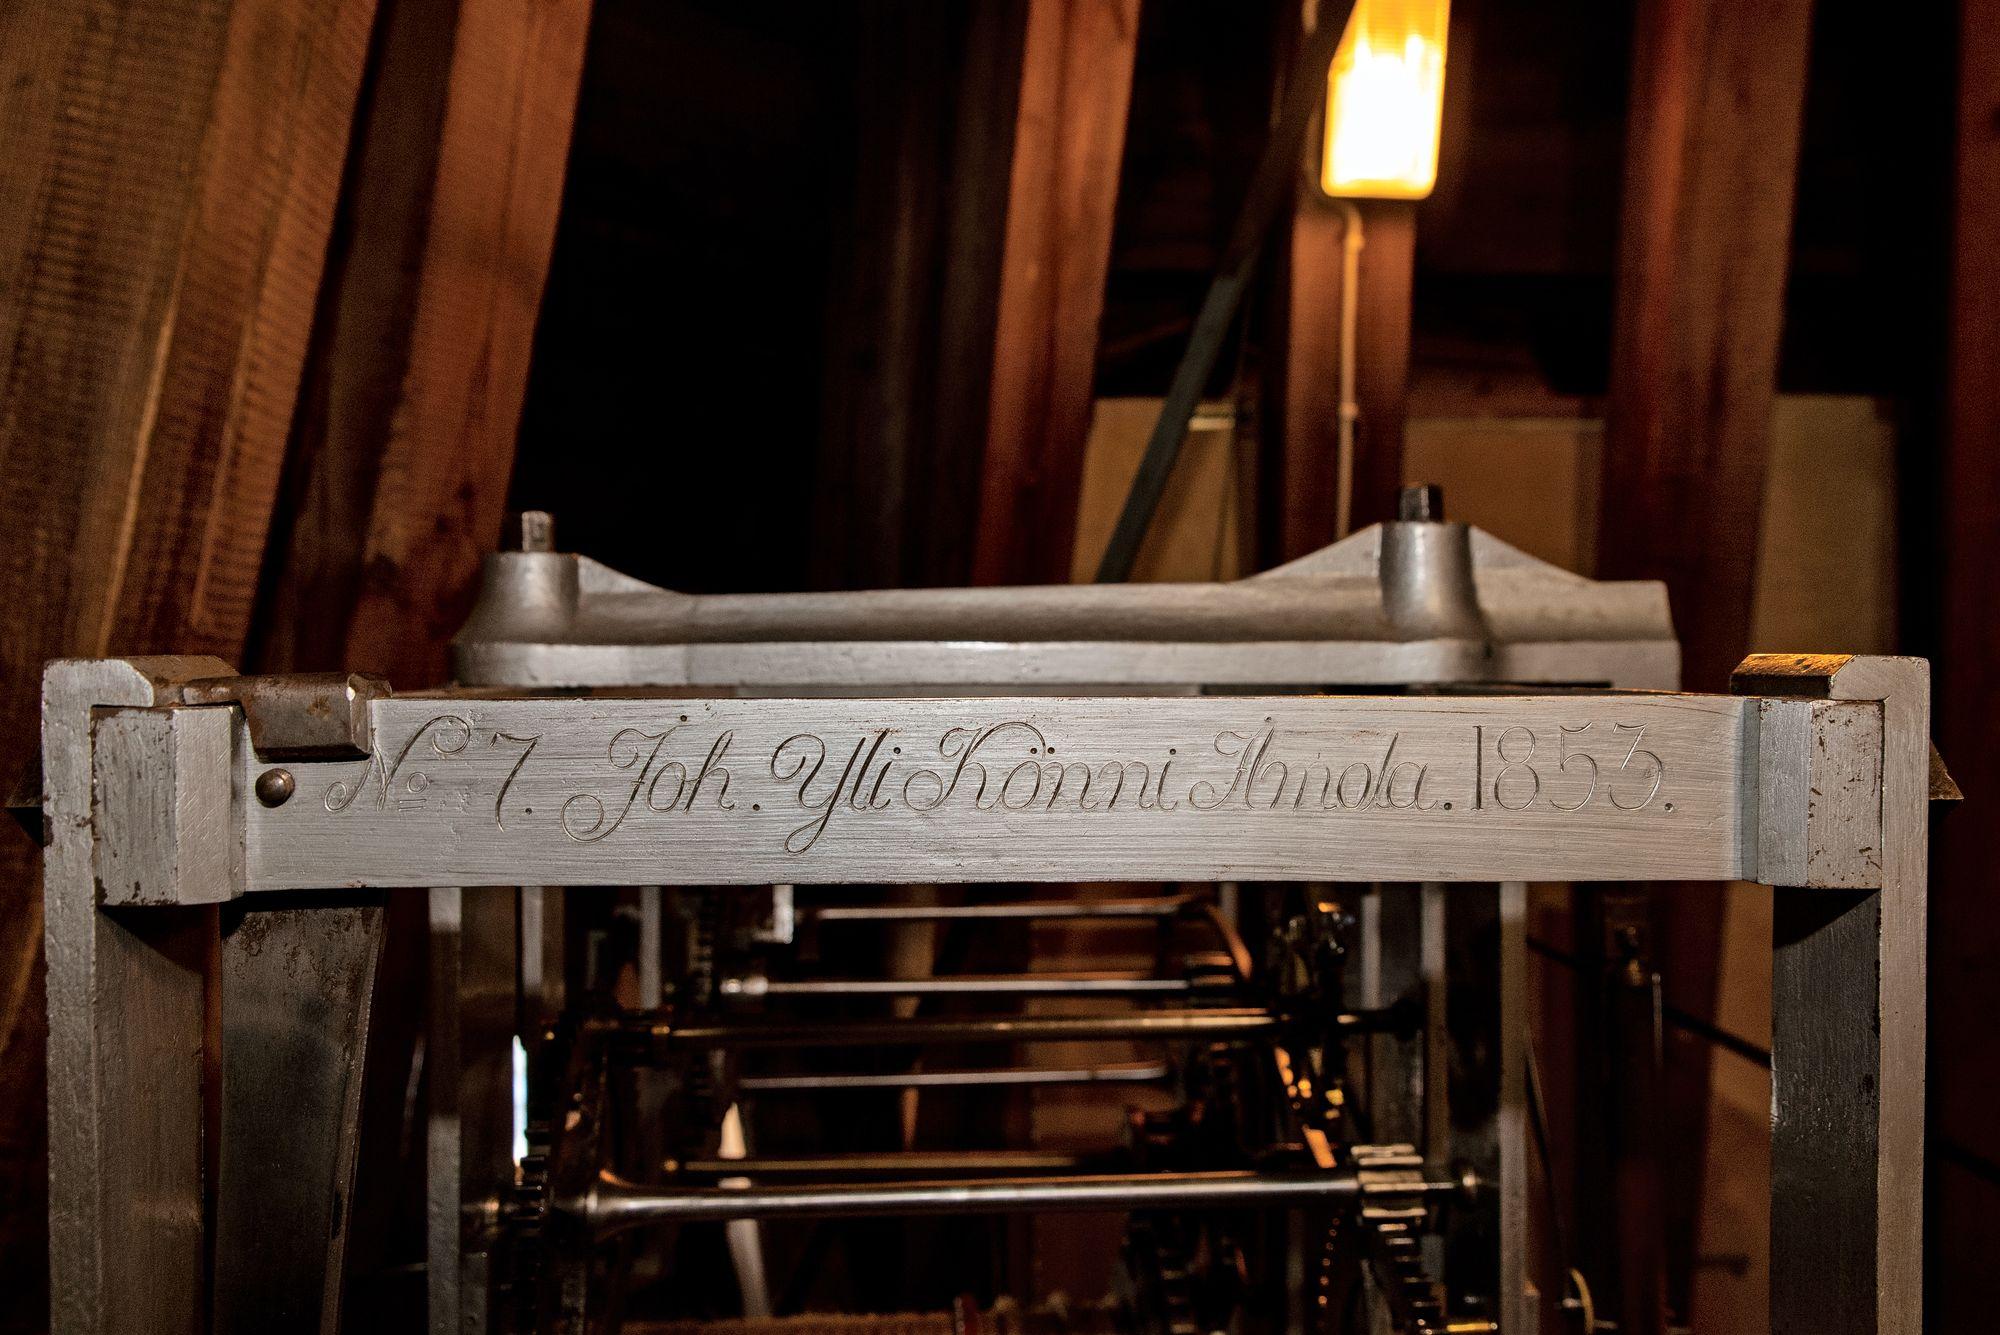 Tekijä kaiversi nimensä kelloon. Könnit olivat Ilmajoelta, joka on ruotsiksi Ilmola. © Aku Ratsula